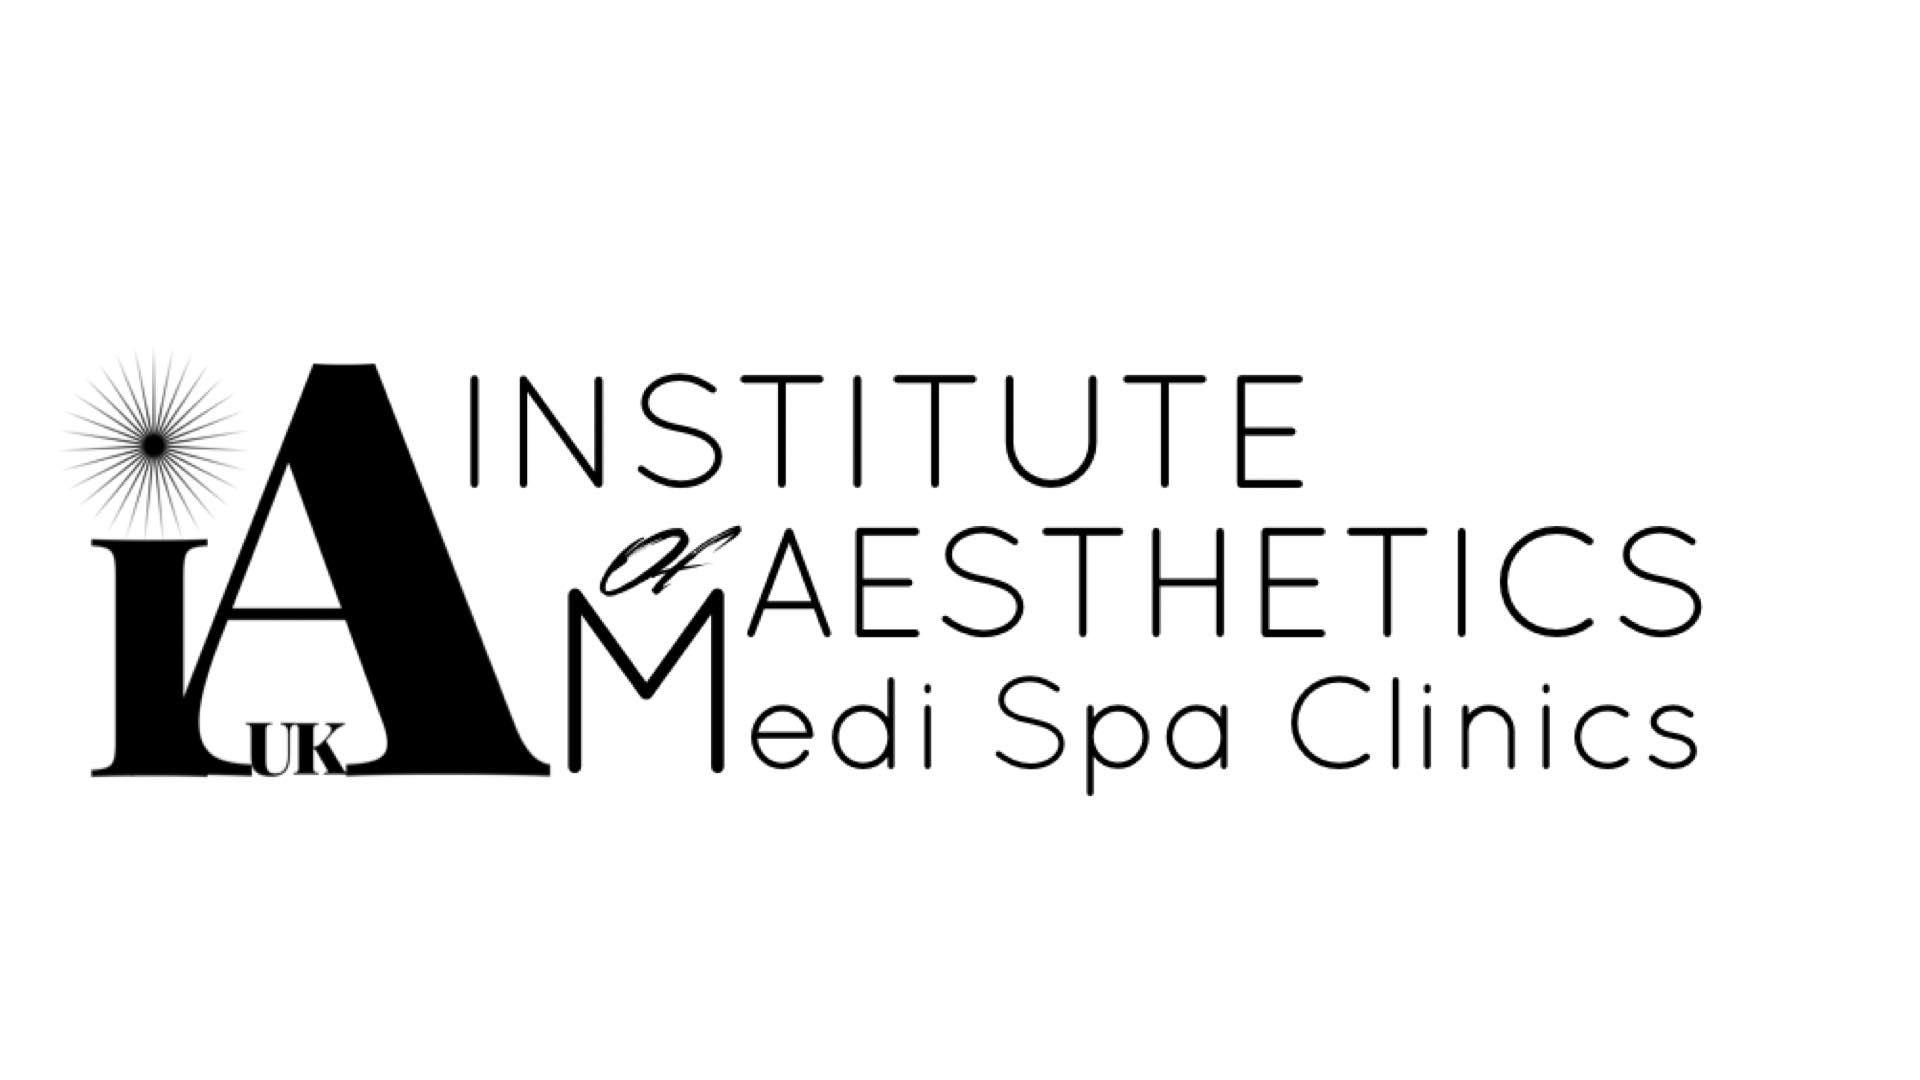 The Institute of Aesthetics